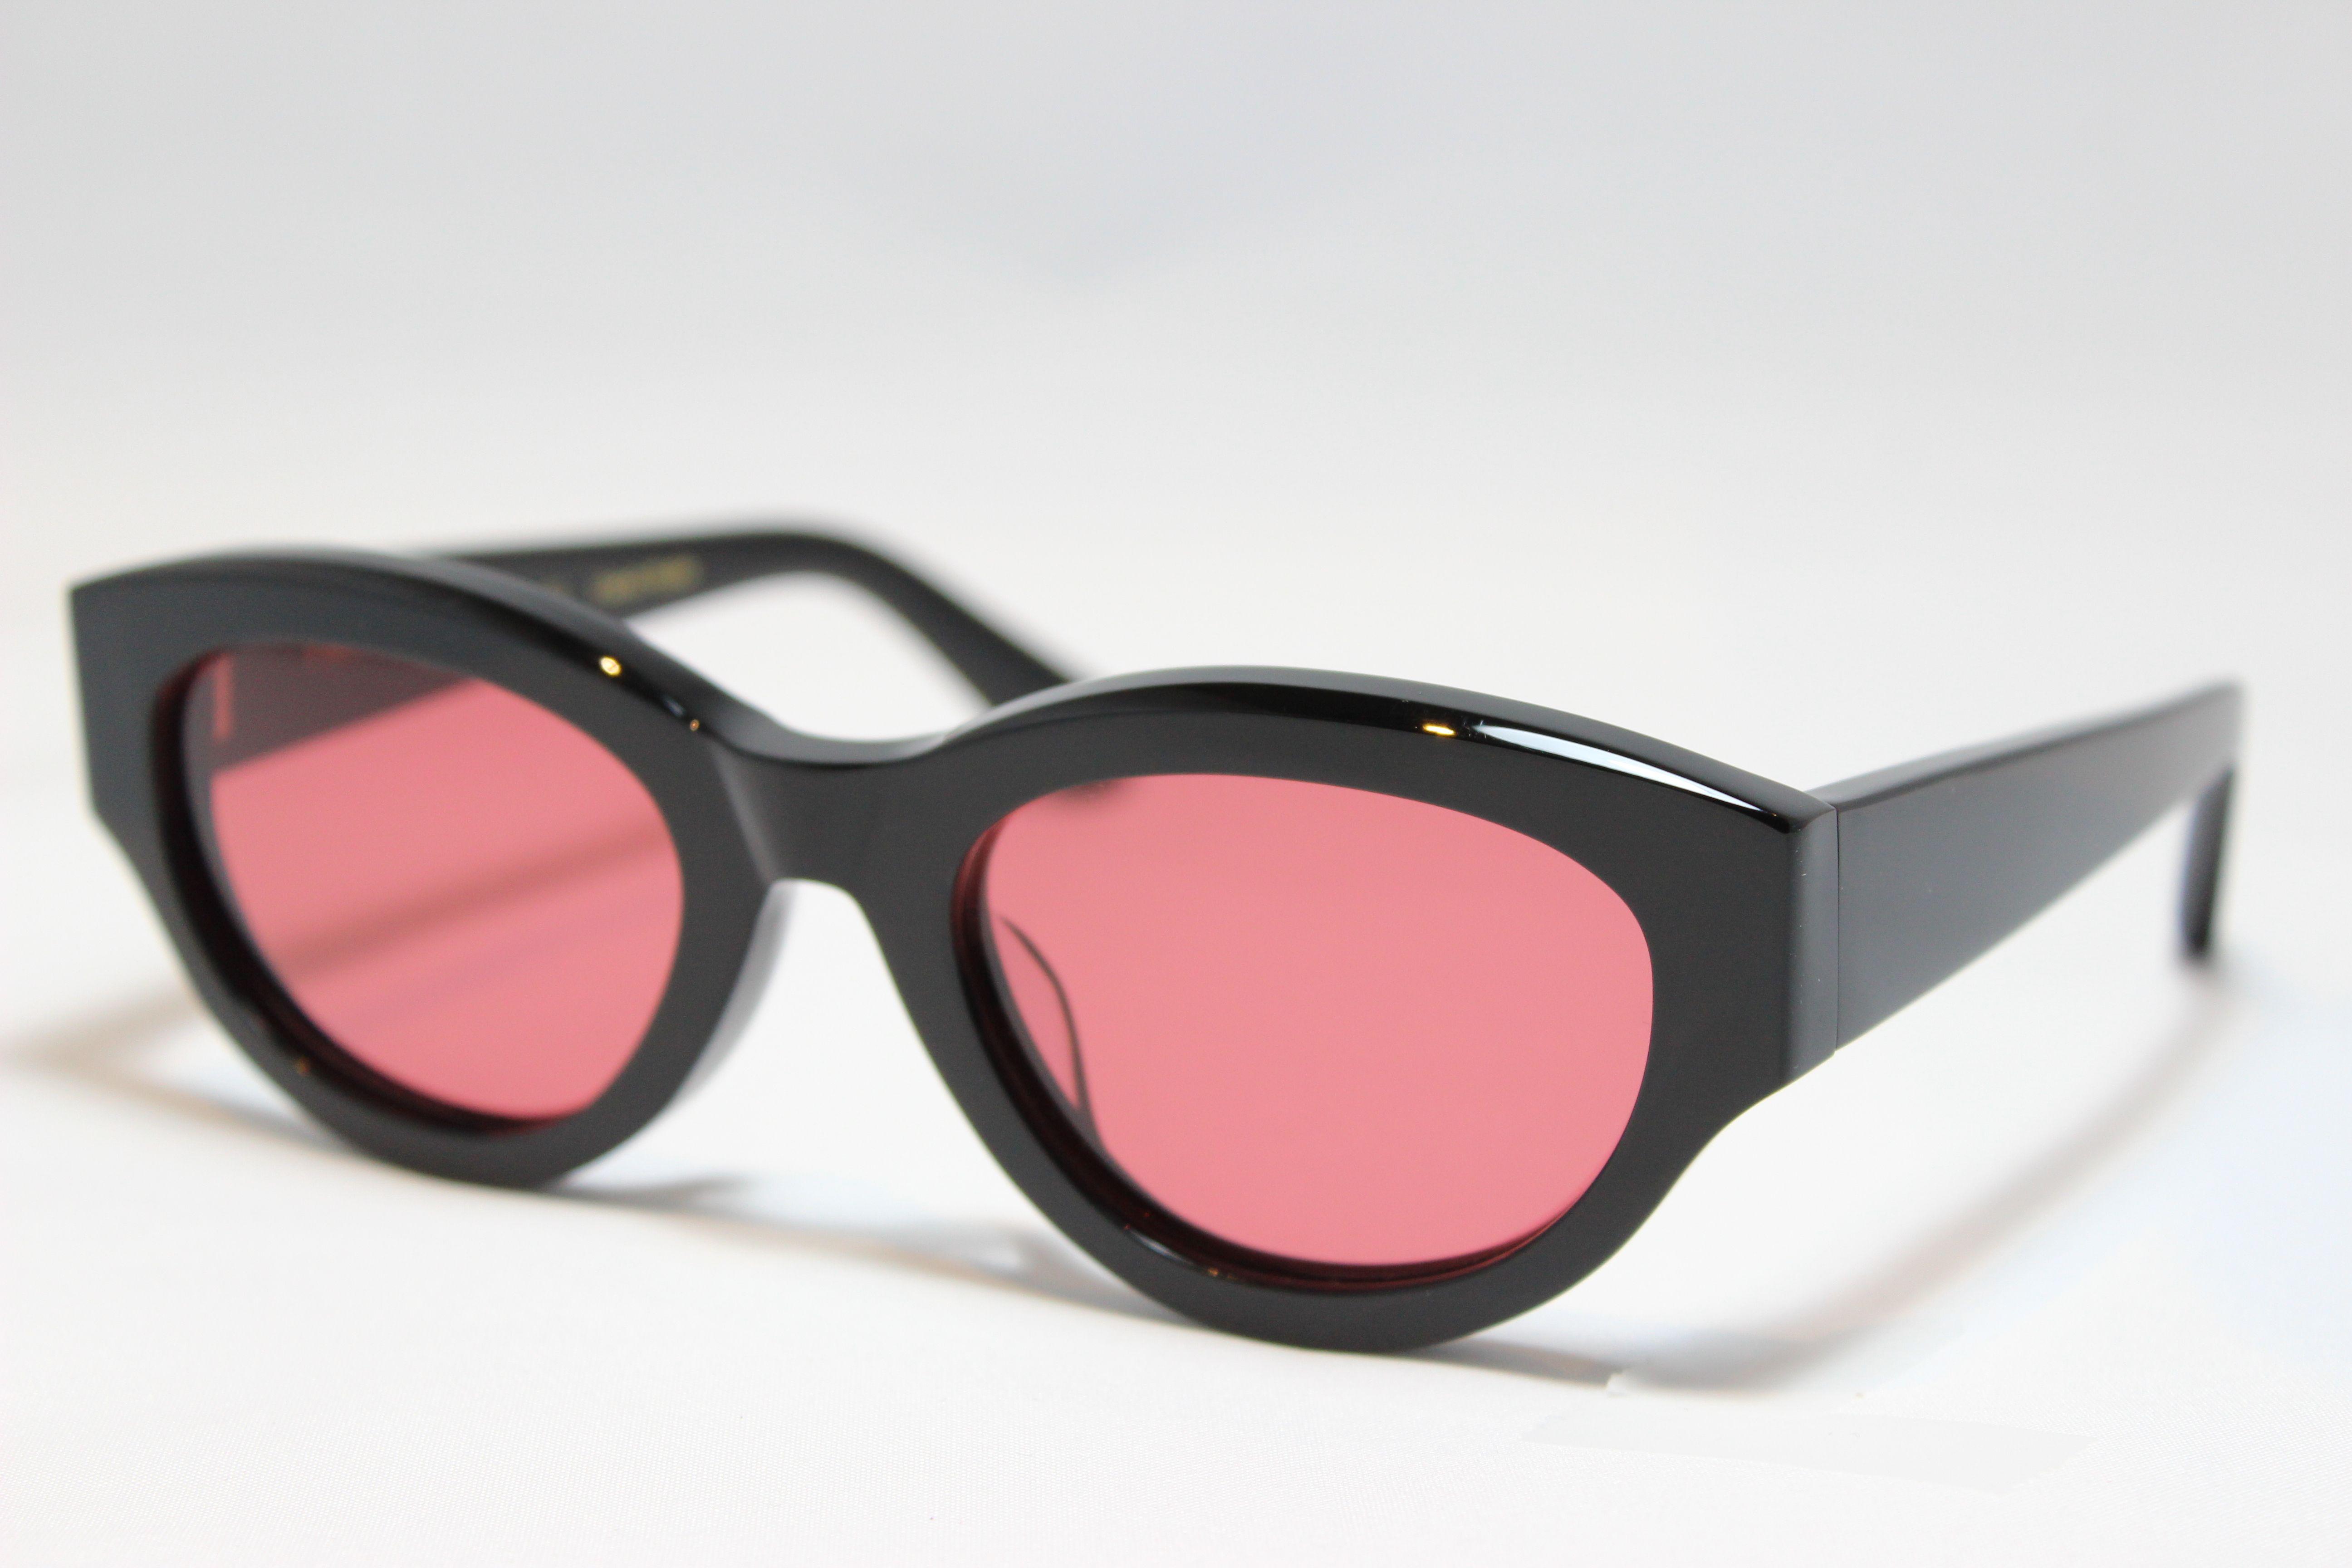 フリーダム スペクタクルス レニー サングラス ブラック FREEDOM SPECTACLES LENNY (Black/Red-Lens)